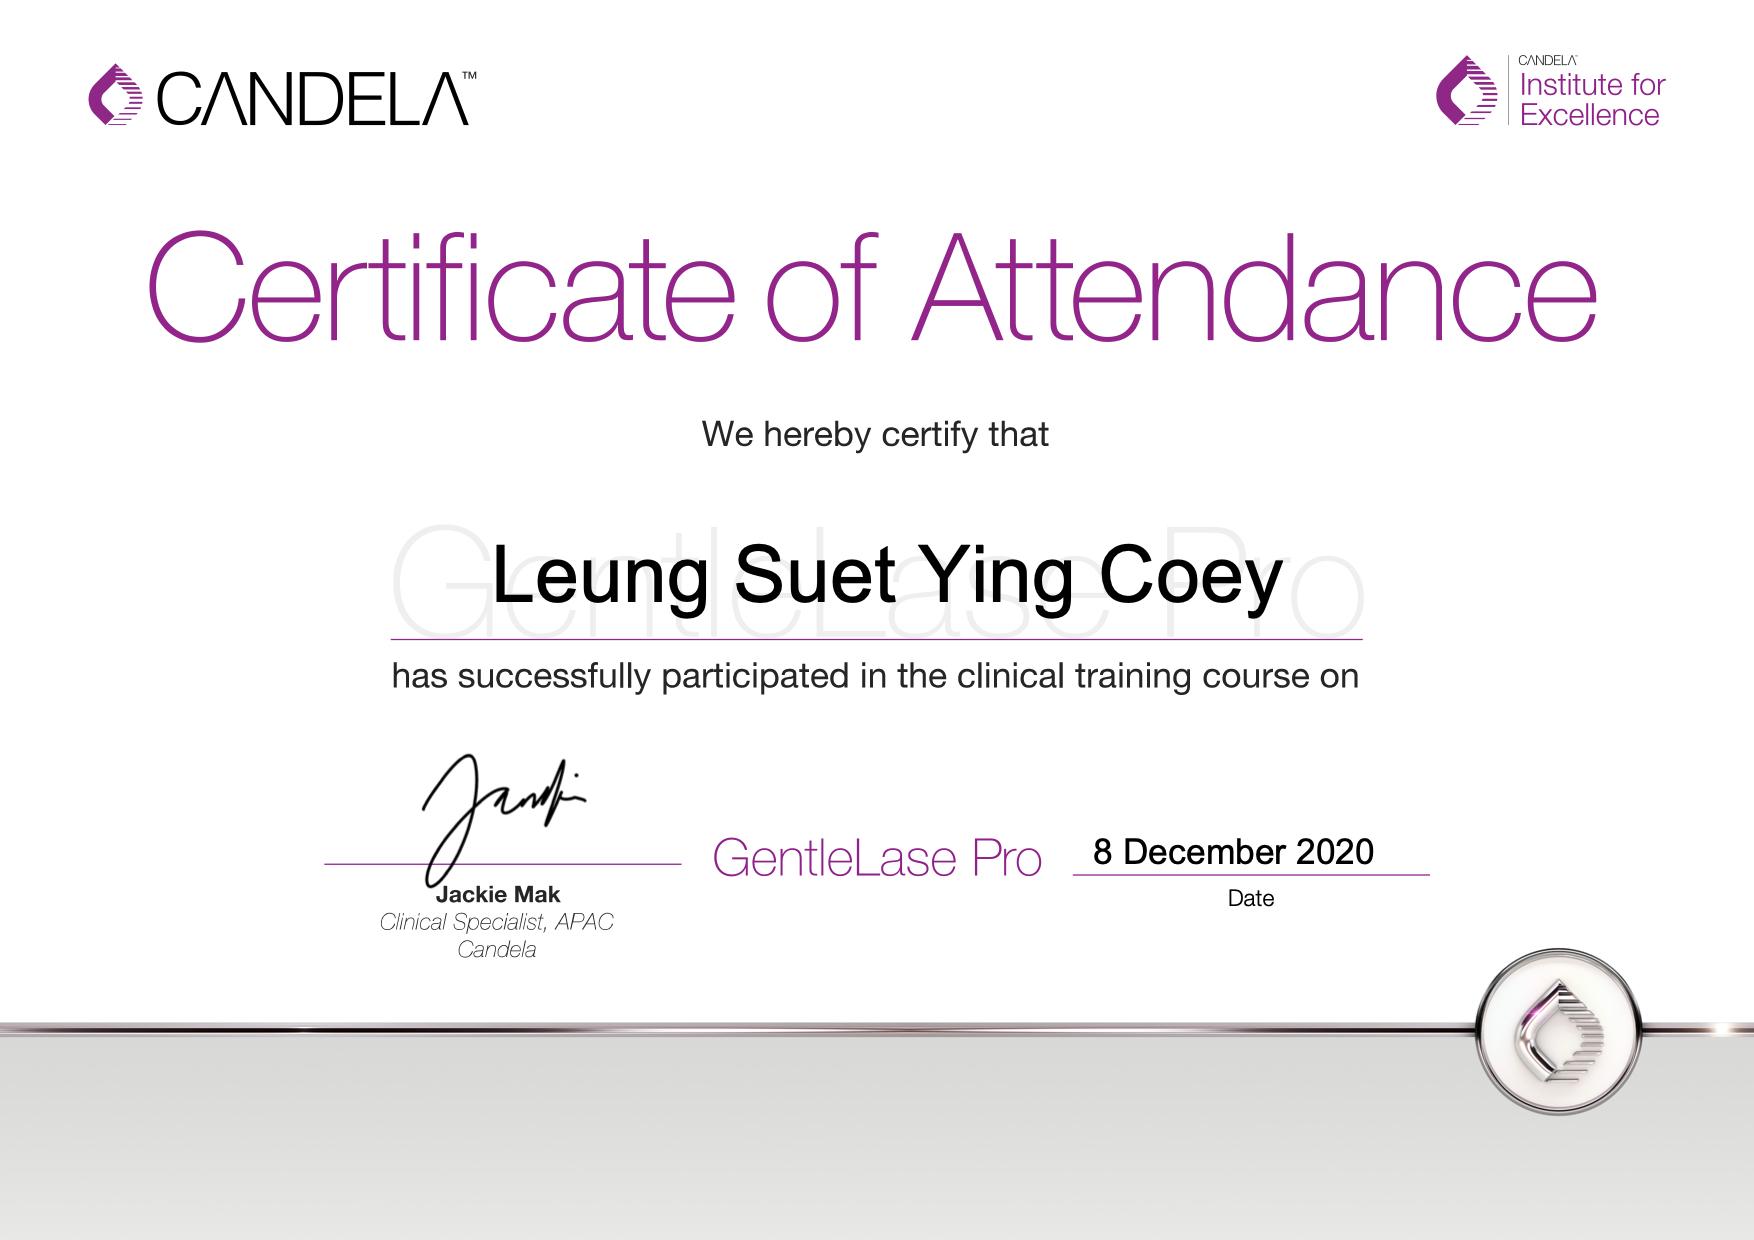 GentleLase_Pro_Certifcate_LeungSuetYingCoey